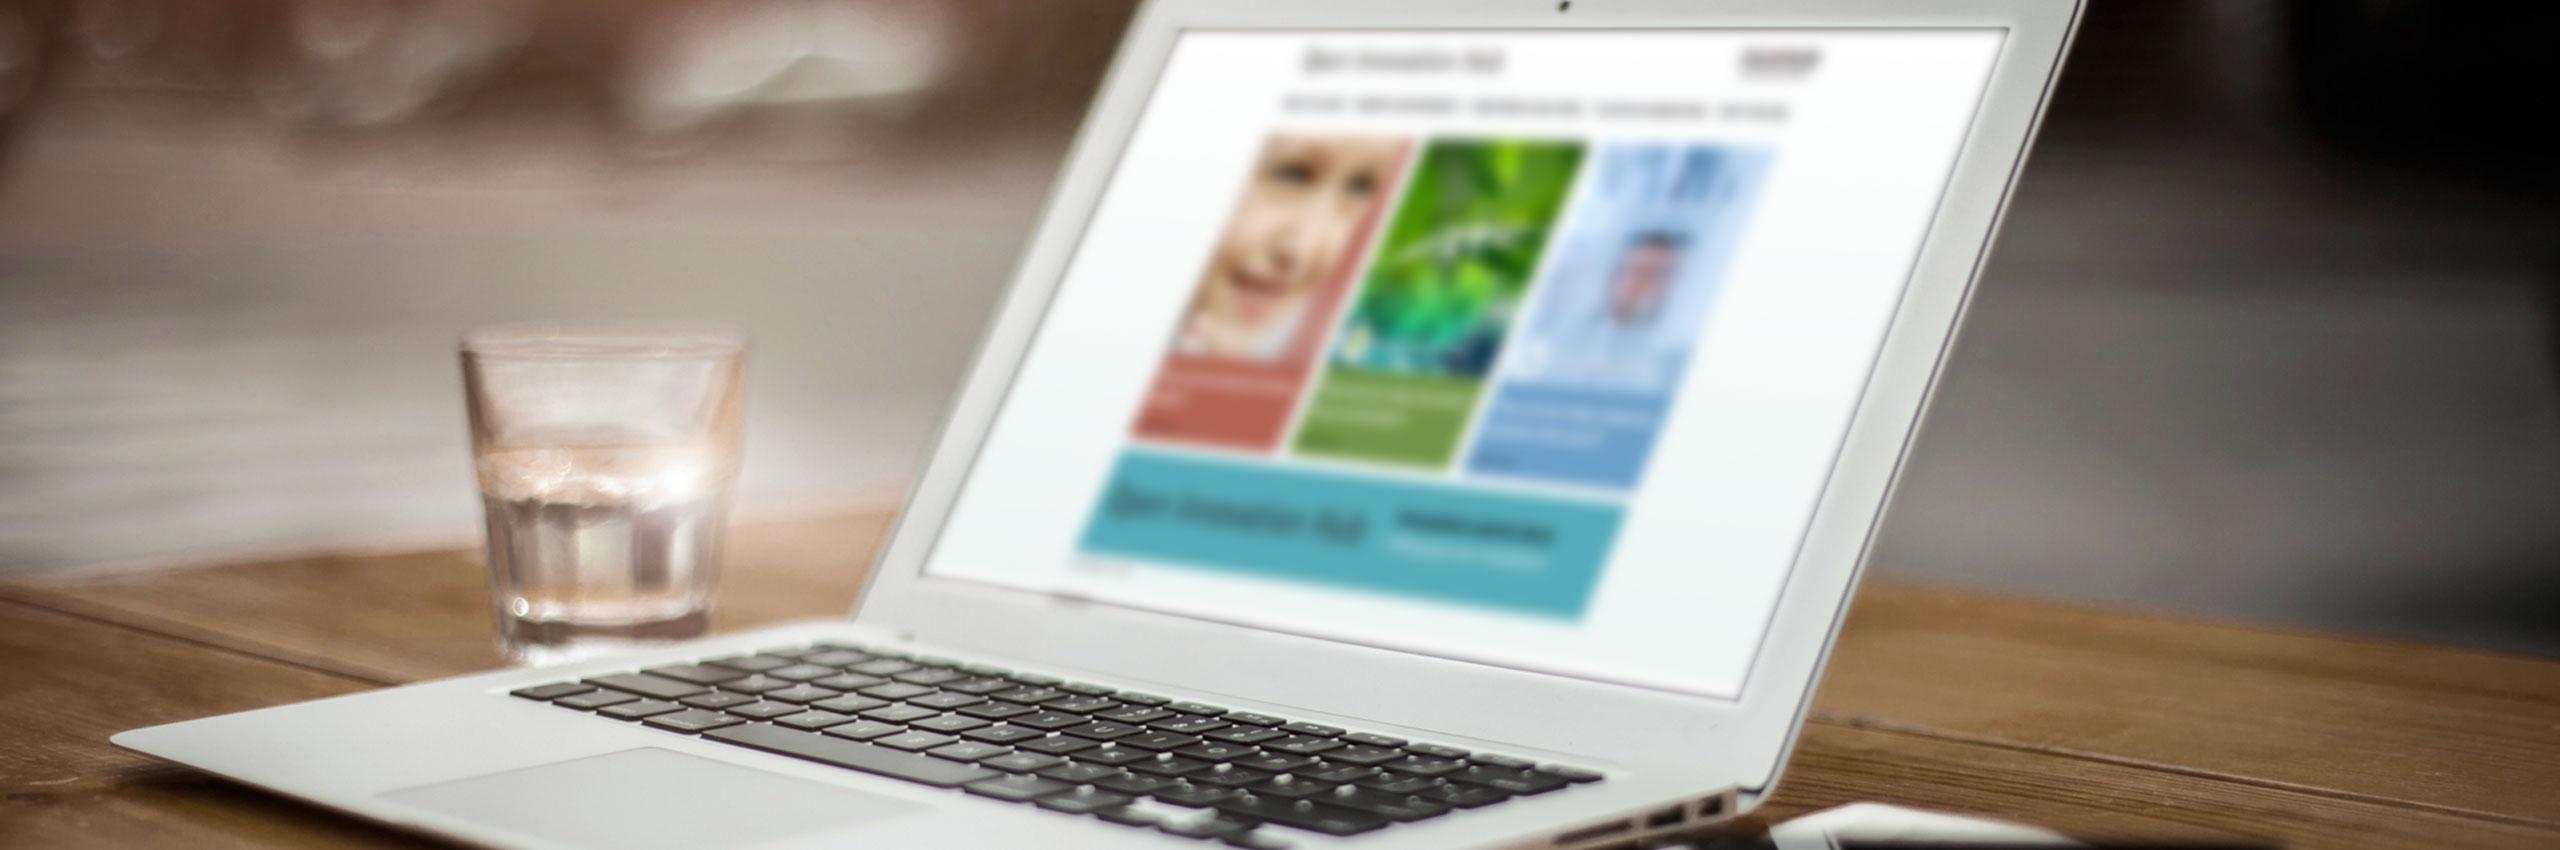 homepage-slide-website